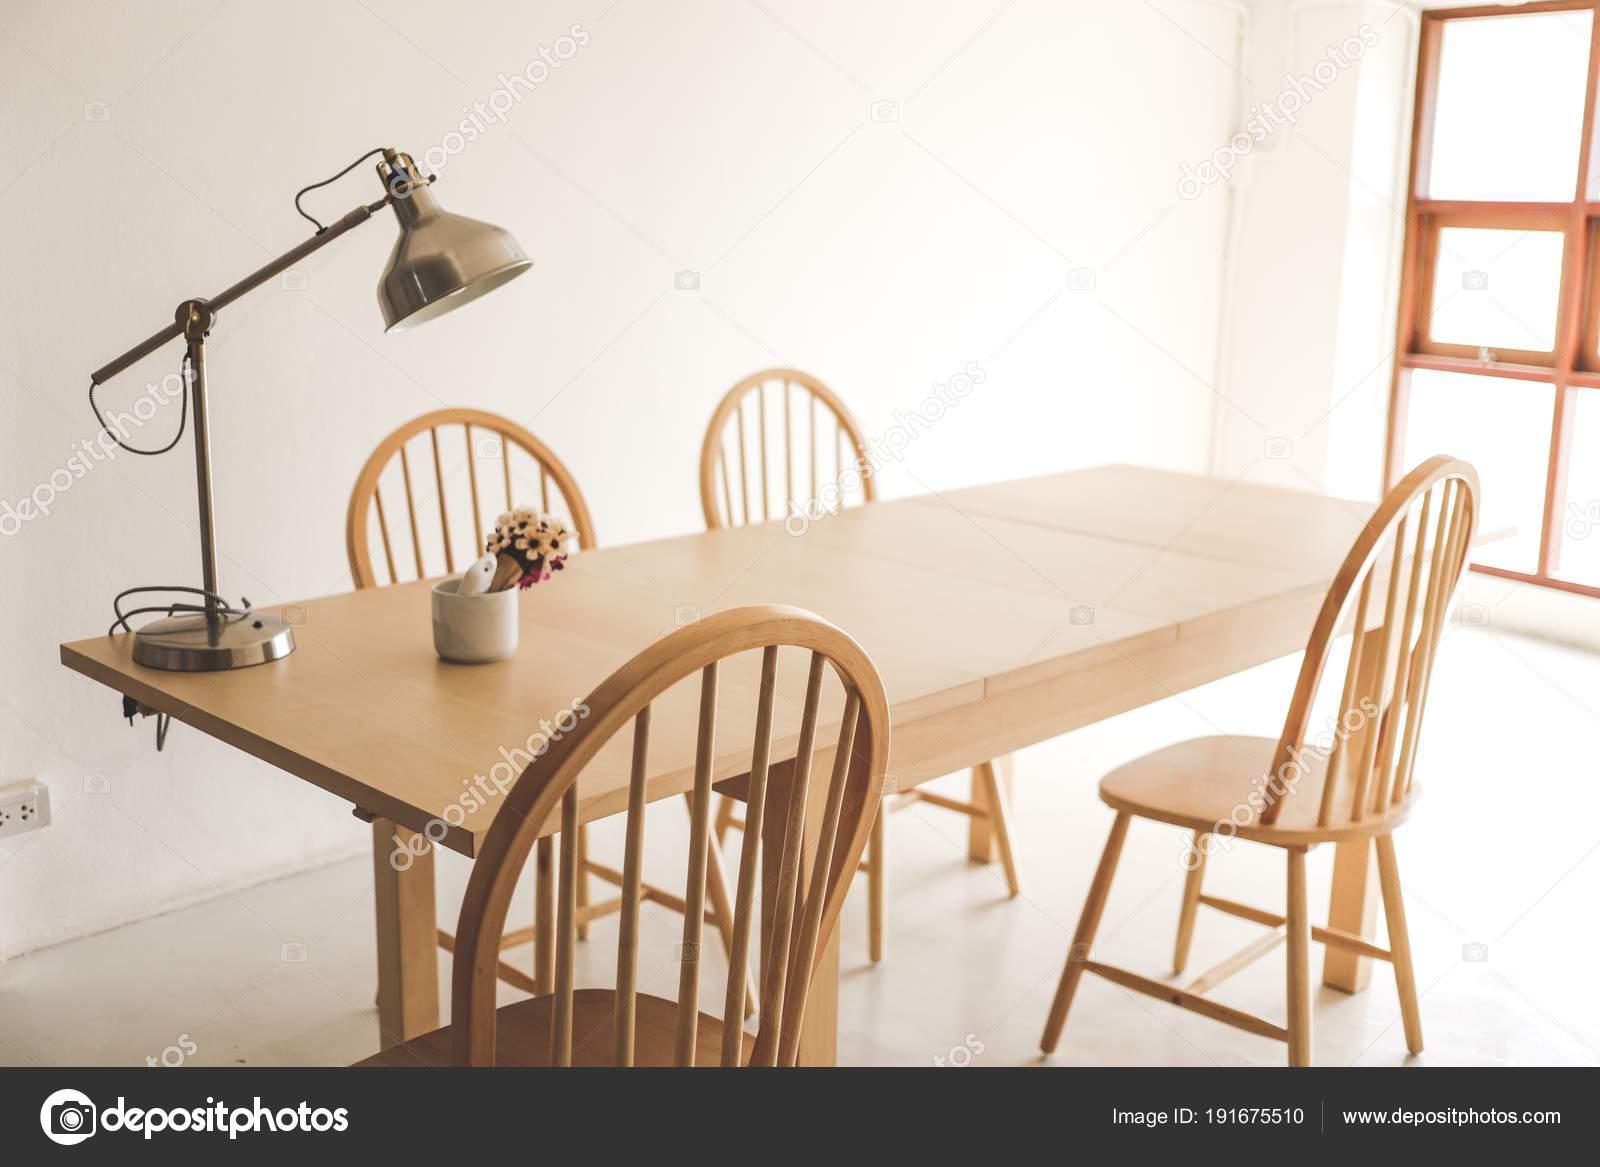 Gevoel Voor Interieur : Eenvoudig zolder dinning van kamer interieur stijl gezellig warm